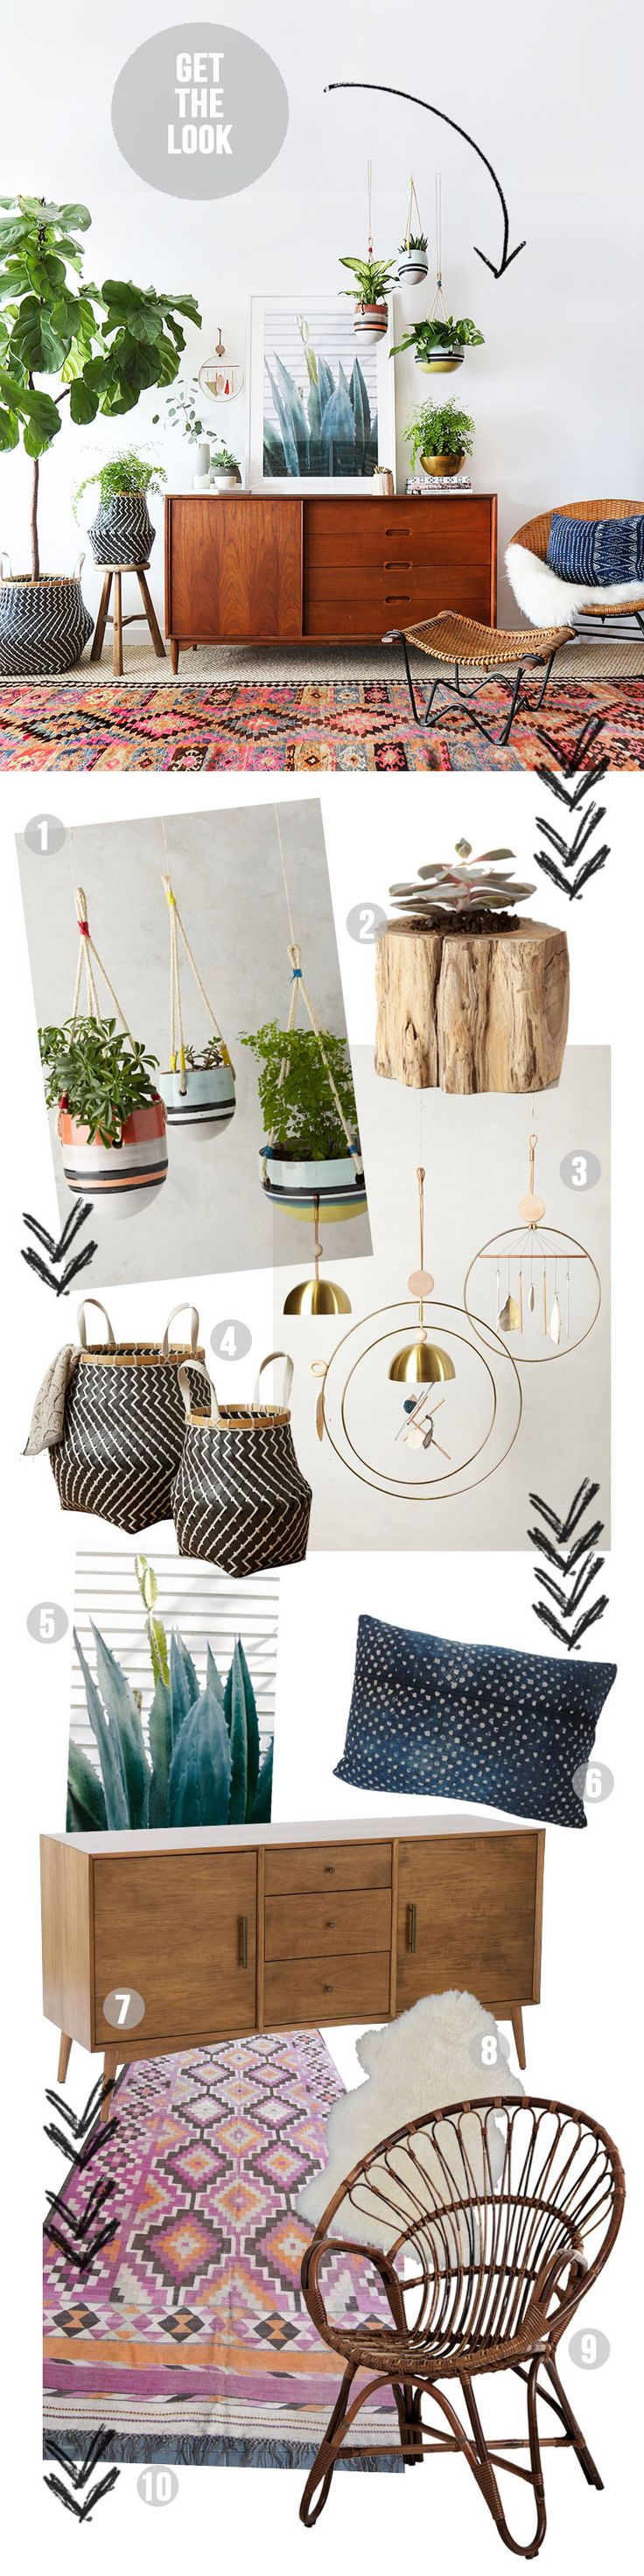 Amber Interiors - Get the Look - Hanging Garden // http://amberinteriordesign.com/